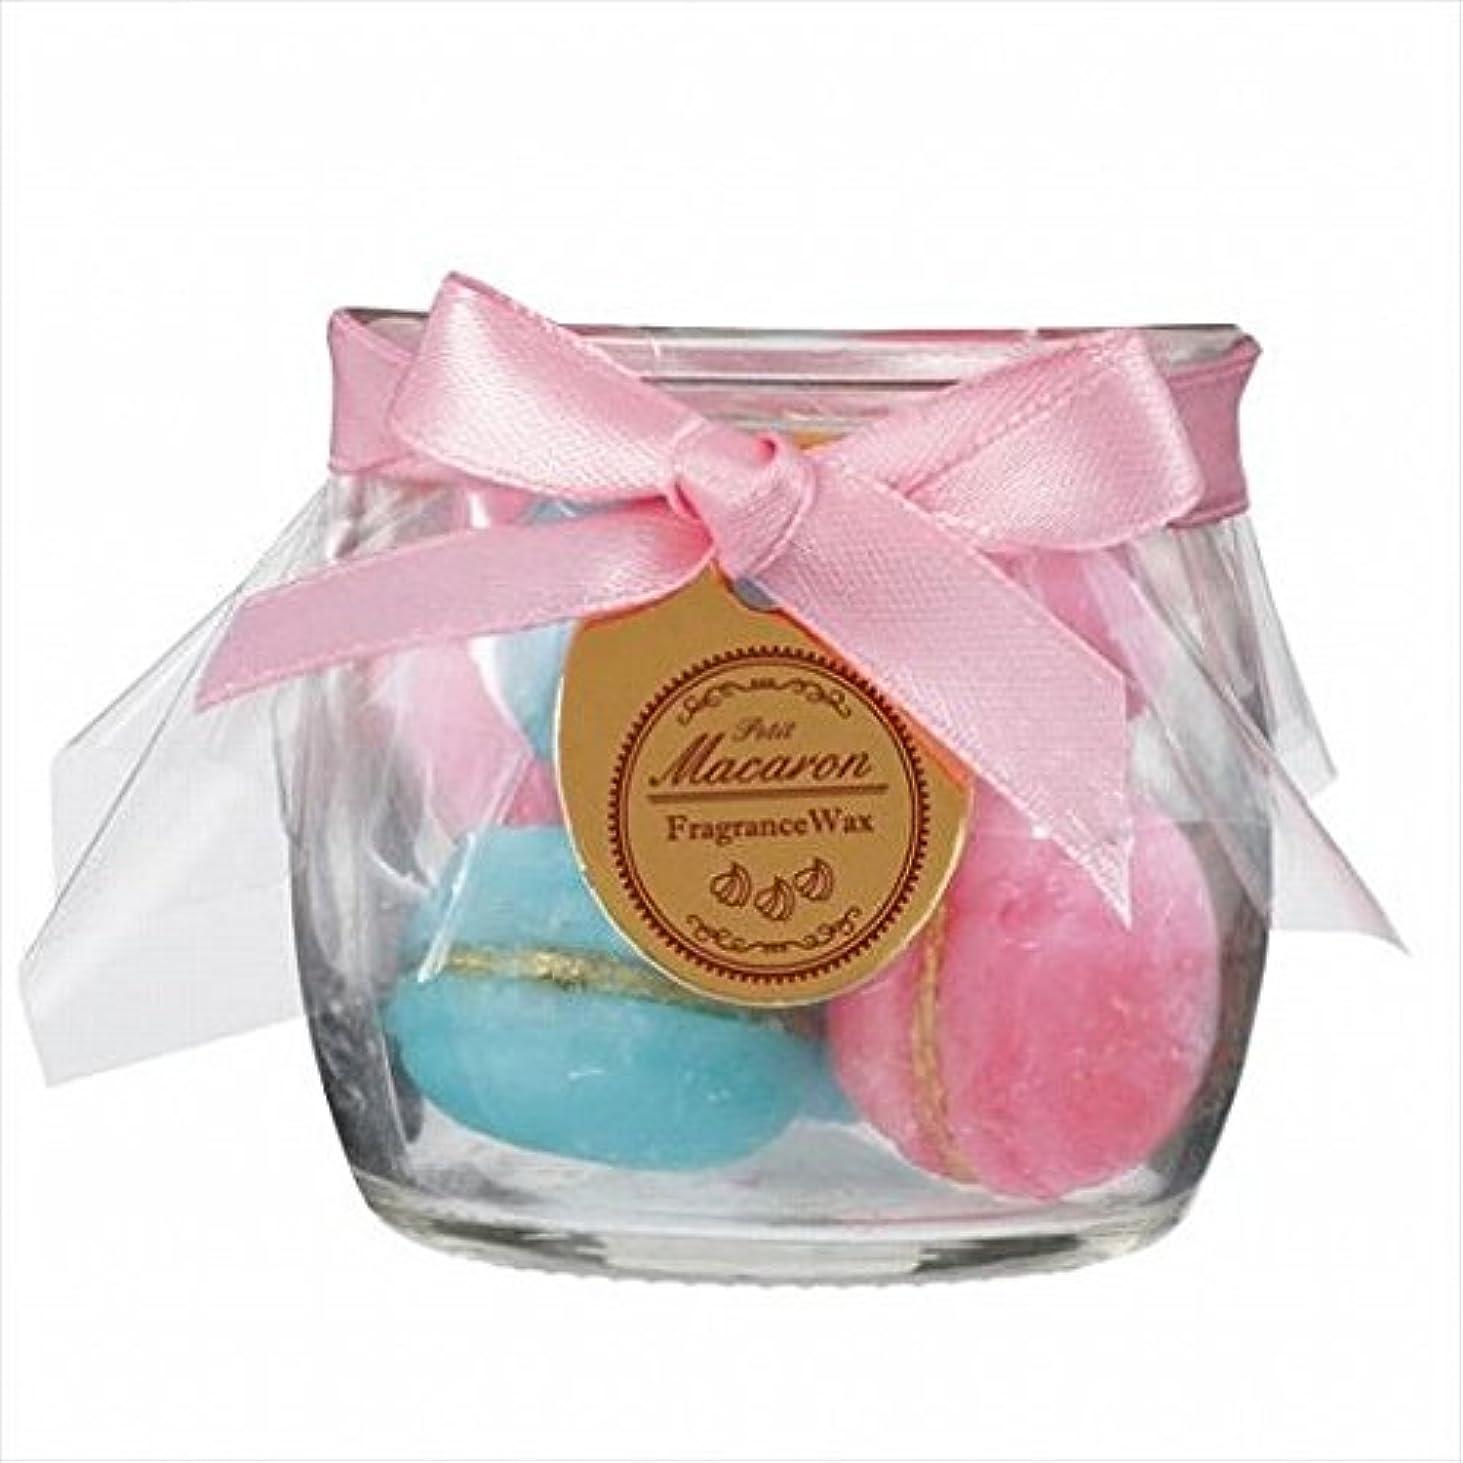 学校プレミアム変化sweets candle(スイーツキャンドル) プチマカロンフレグランス 「 ピーチ 」 キャンドル 60x60x56mm (A3160540)